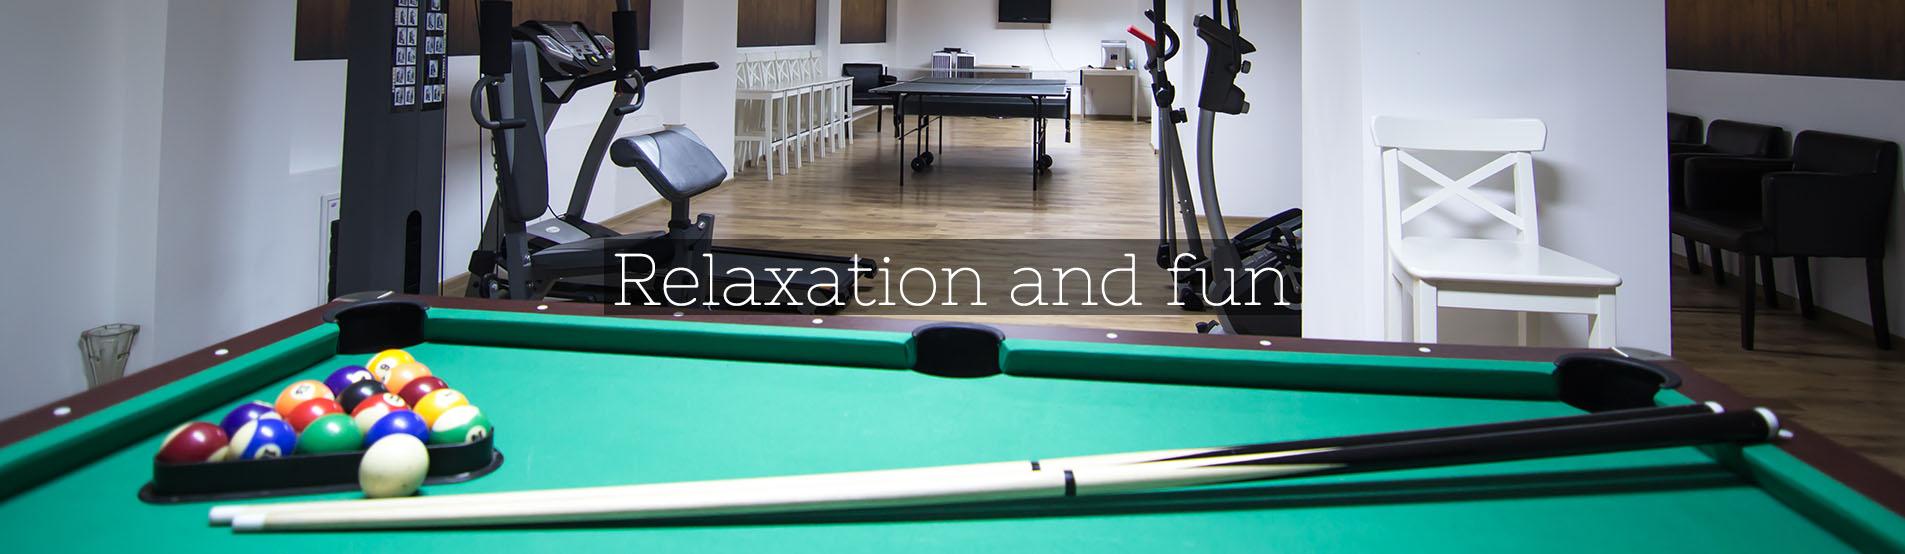 pensiunea-constantin-relaxation-fun